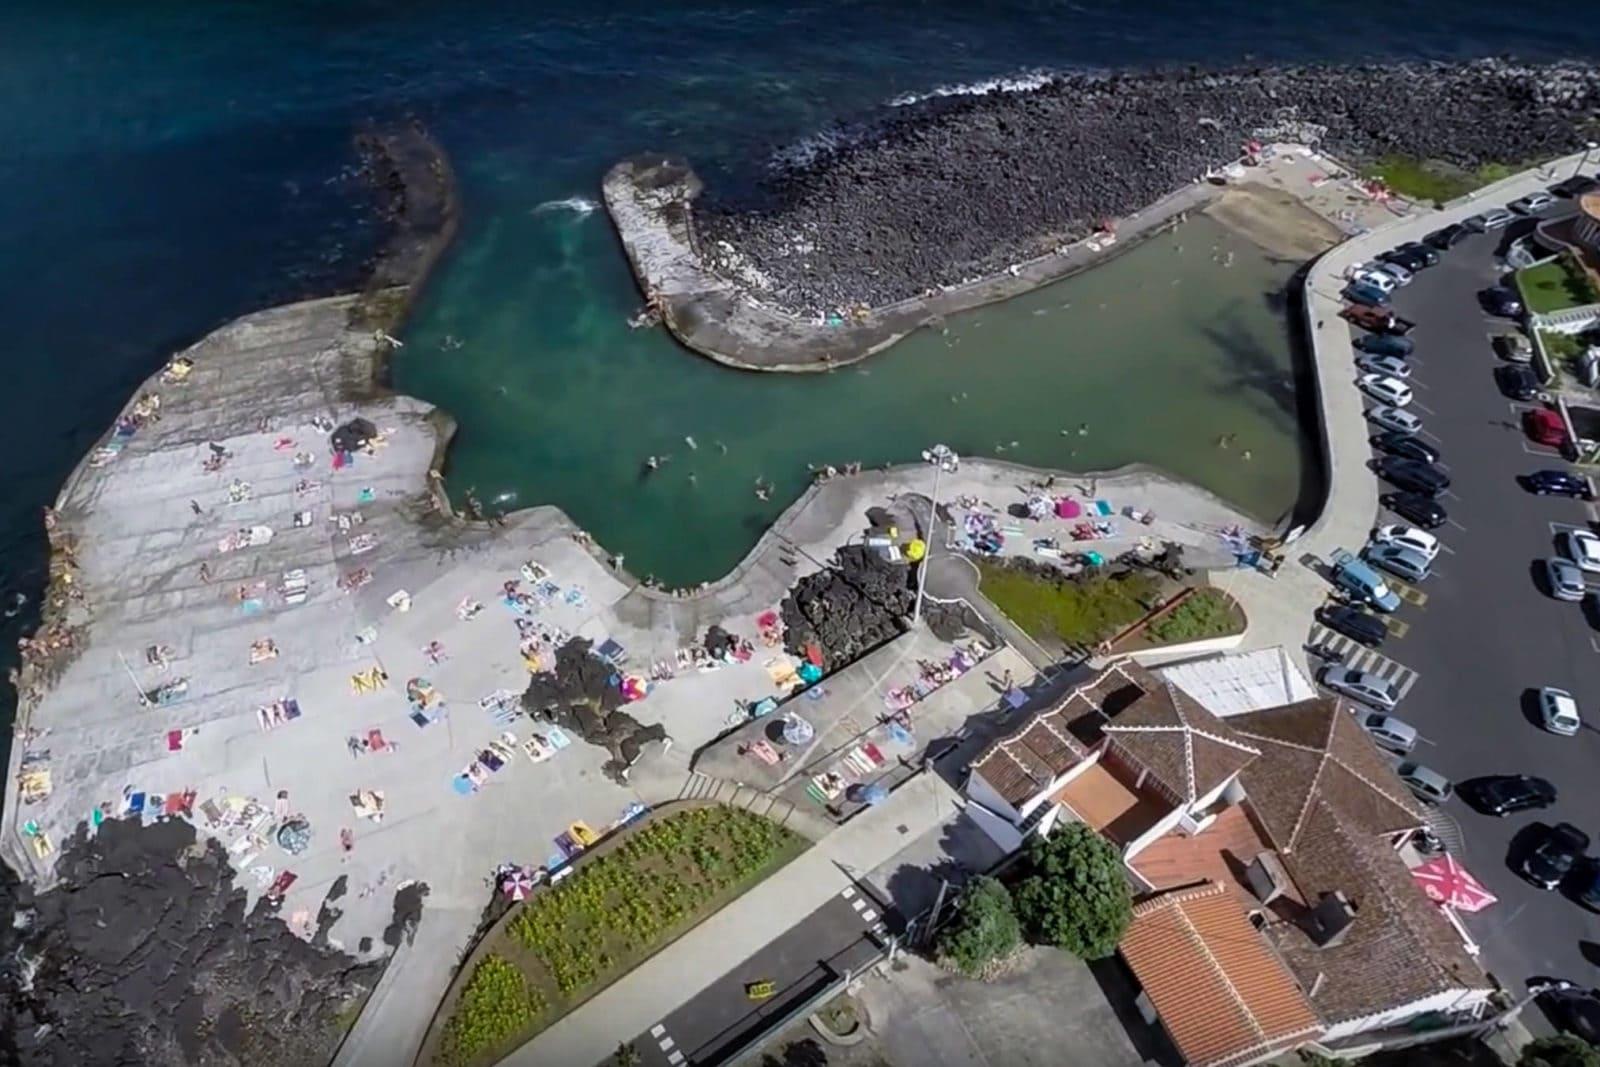 Территория купального комплекса Порту-Мартинш (фото: SKai aerial images)